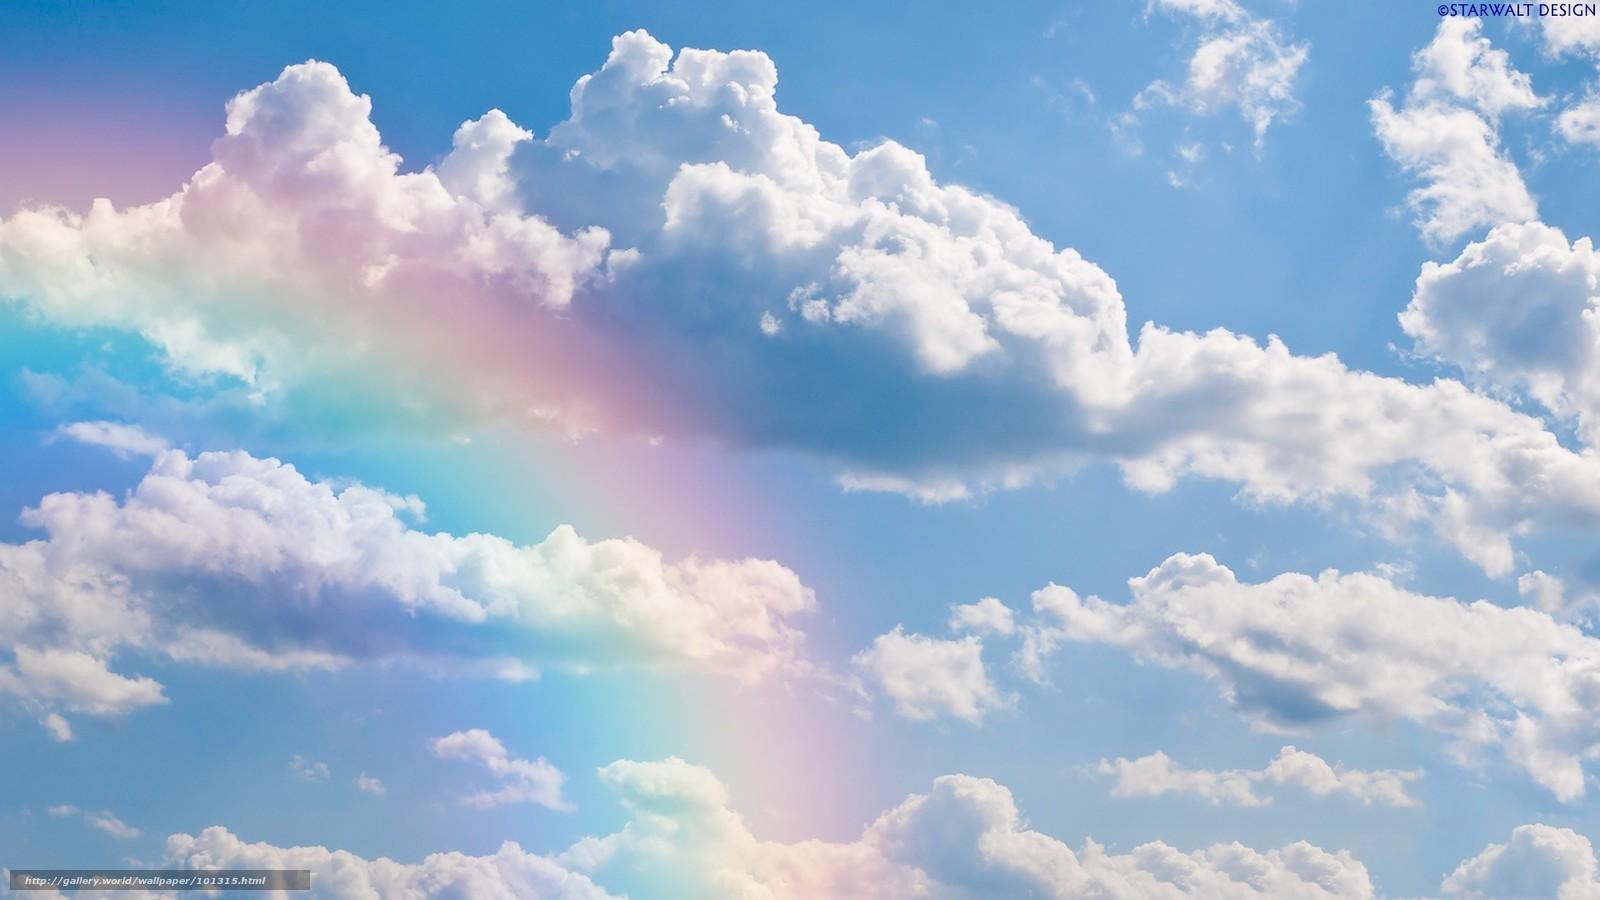 Tlcharger Fond d'ecran ciel, nuages, arc en ciel Fonds d ...